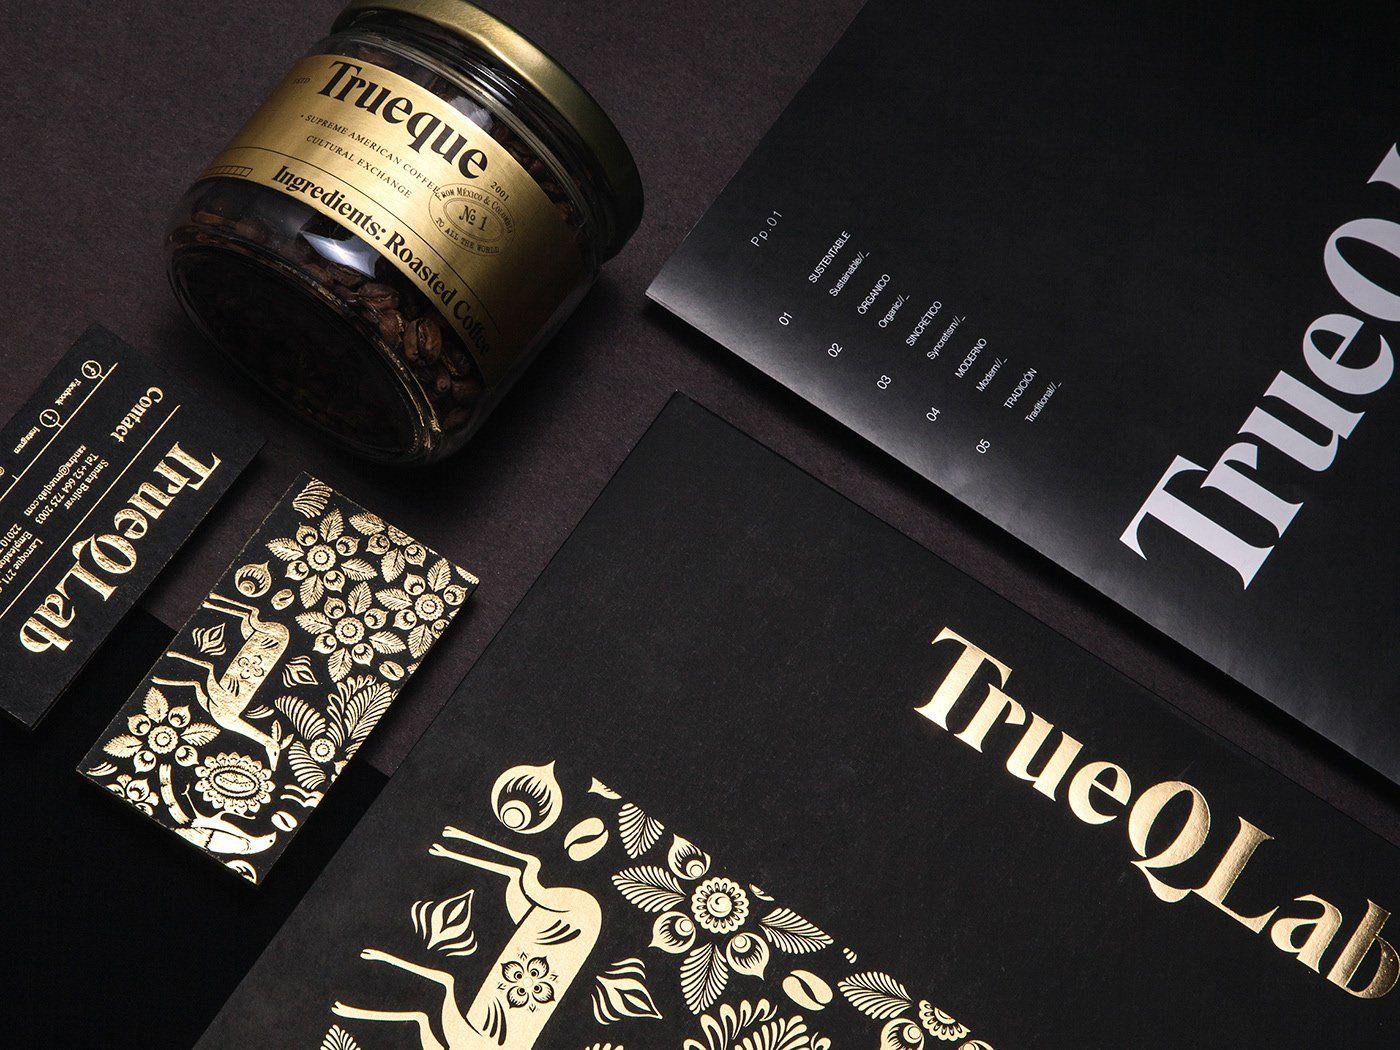 Design Trends 2020 - 04: Gold auf Printprodukten, Foto von FUNDAMENTAL Studio